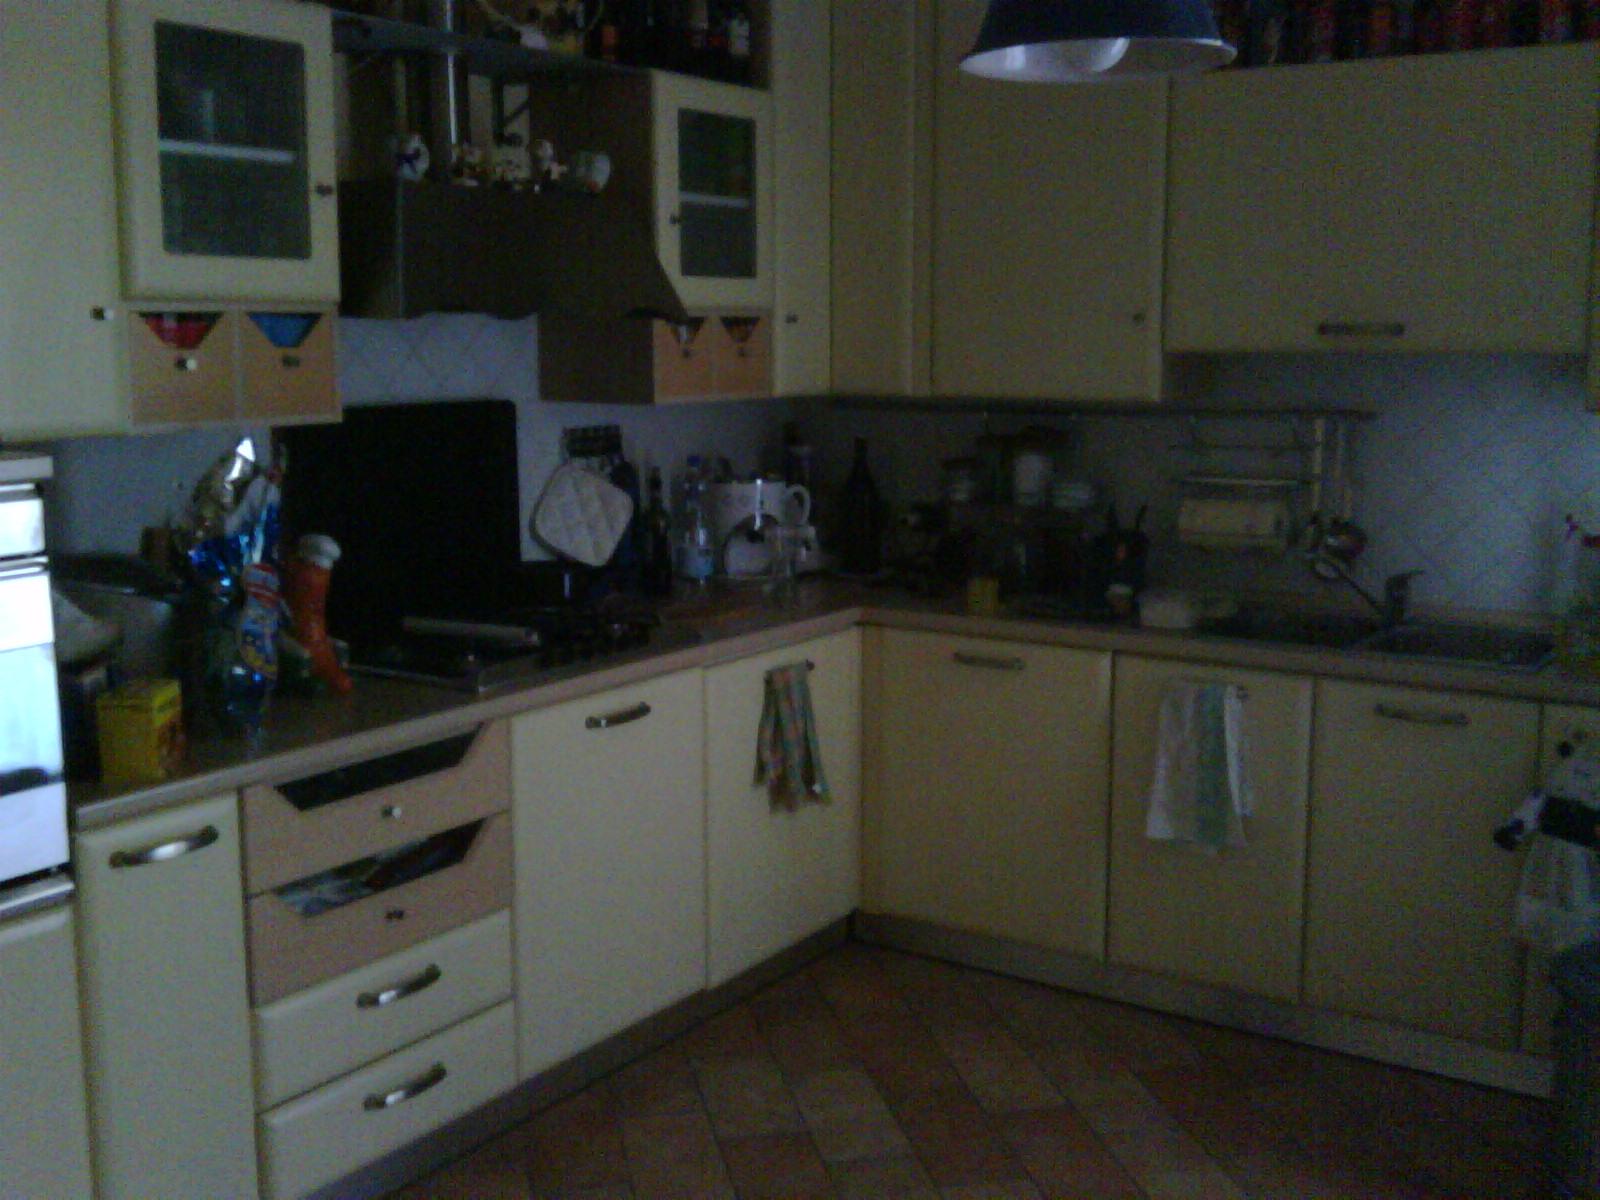 Dettato descrivi la cucina della tua casa pensieri di - Descrivi la tua cucina ...